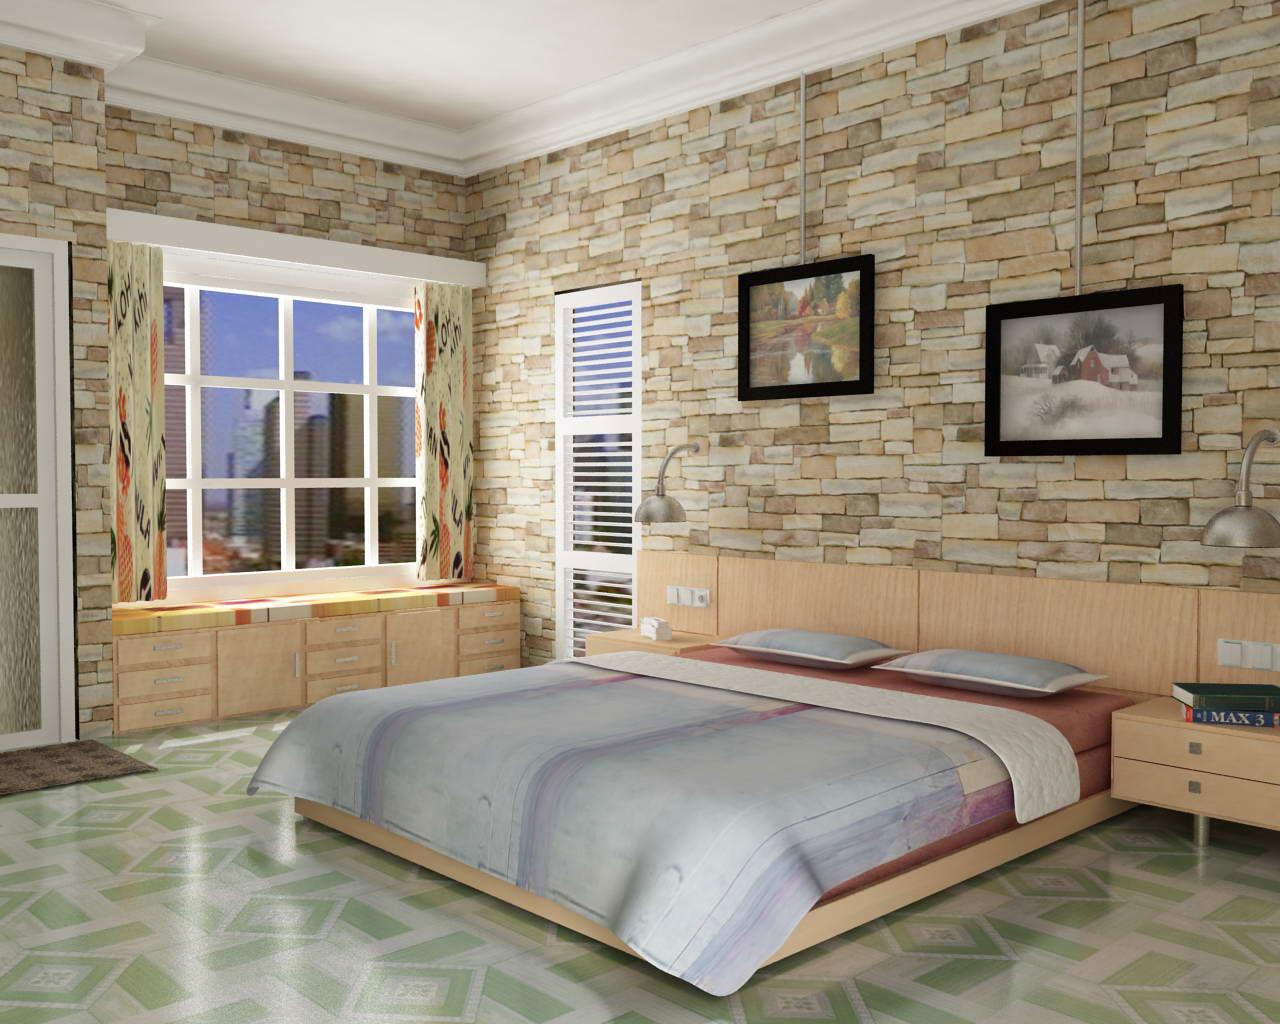 moderne soveværelse-design-med-naturlig-sten-væg-udsmykning-være-udstyret-store-glas-vindue-med-hvid-træ-frame-plus-grøn-keramik-gulve-under-glat-slebet-kirsebær- træ-bed-frame-som-har-laks-ki